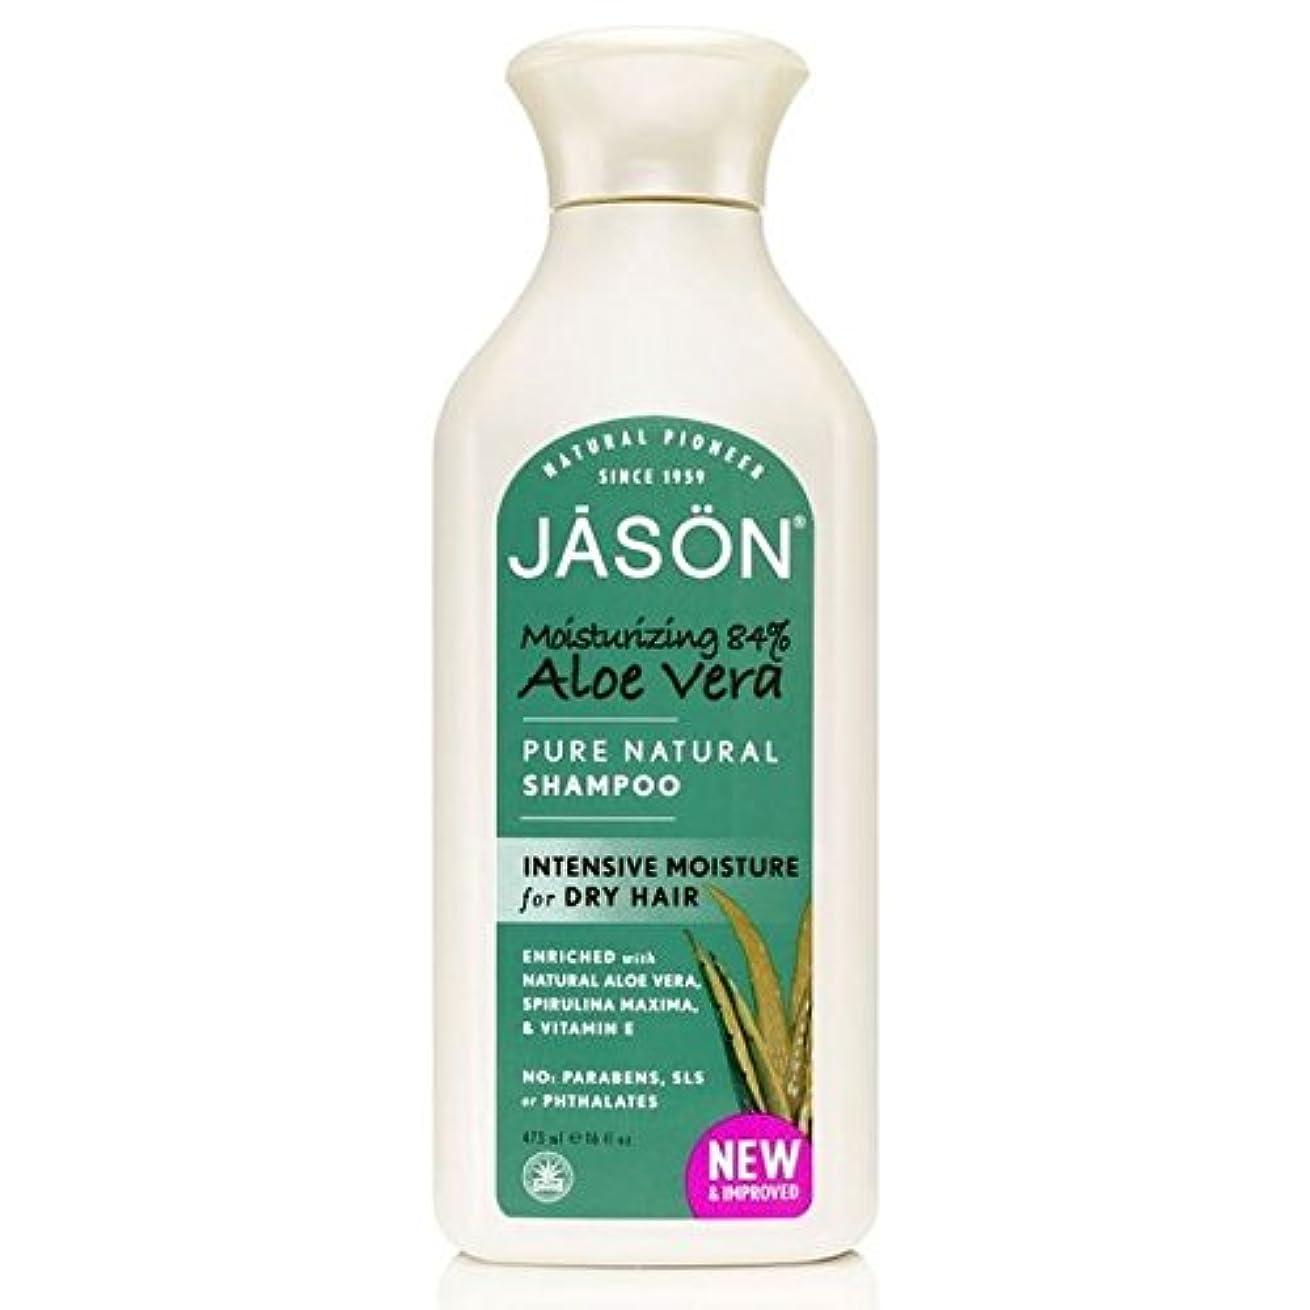 マニフェスト触手反対にJason Aloe Vera 84% Pure Natural Shampoo 475ml - ジェイソンのアロエベラ84%の純粋な天然シャンプー475ミリリットル [並行輸入品]